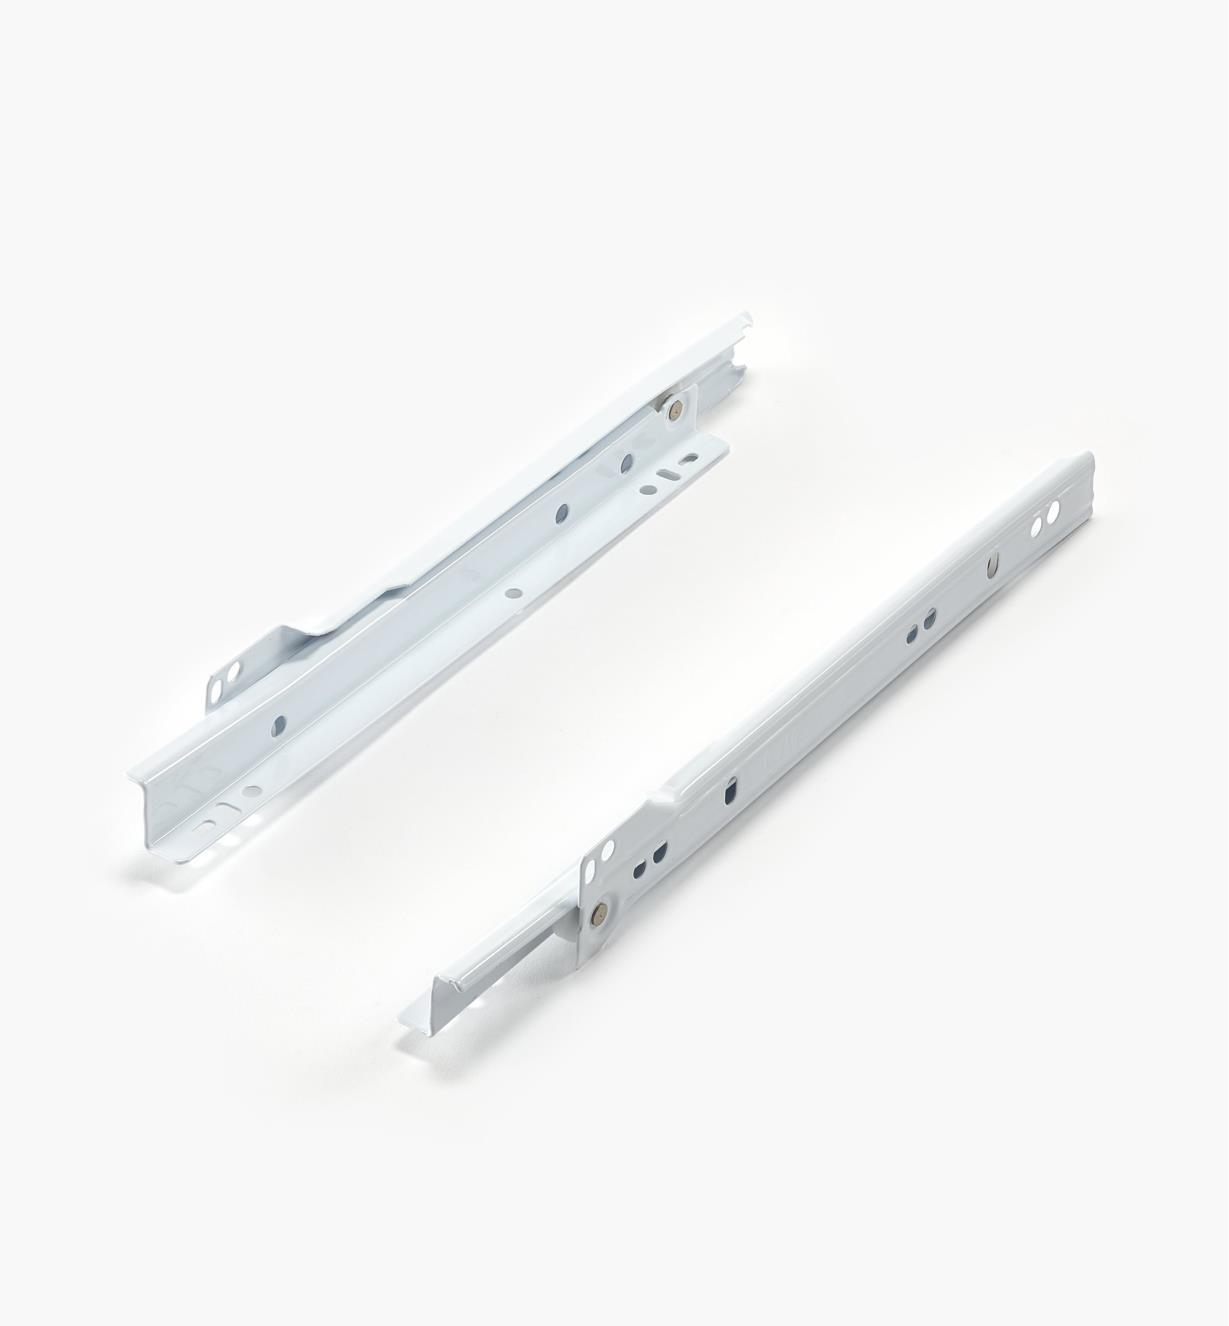 12K0810 - Coulisses standards de 250mm pour meuble de cuisine, la paire